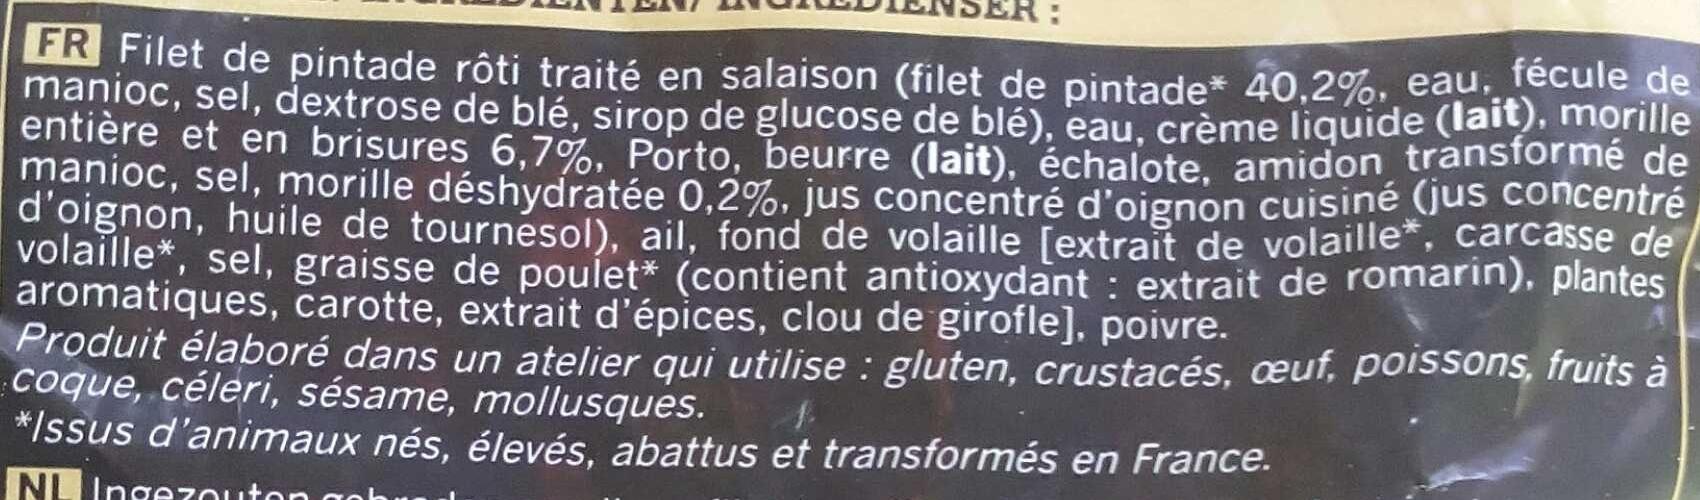 Pintade sauce aux morilles - Ingrédients - fr